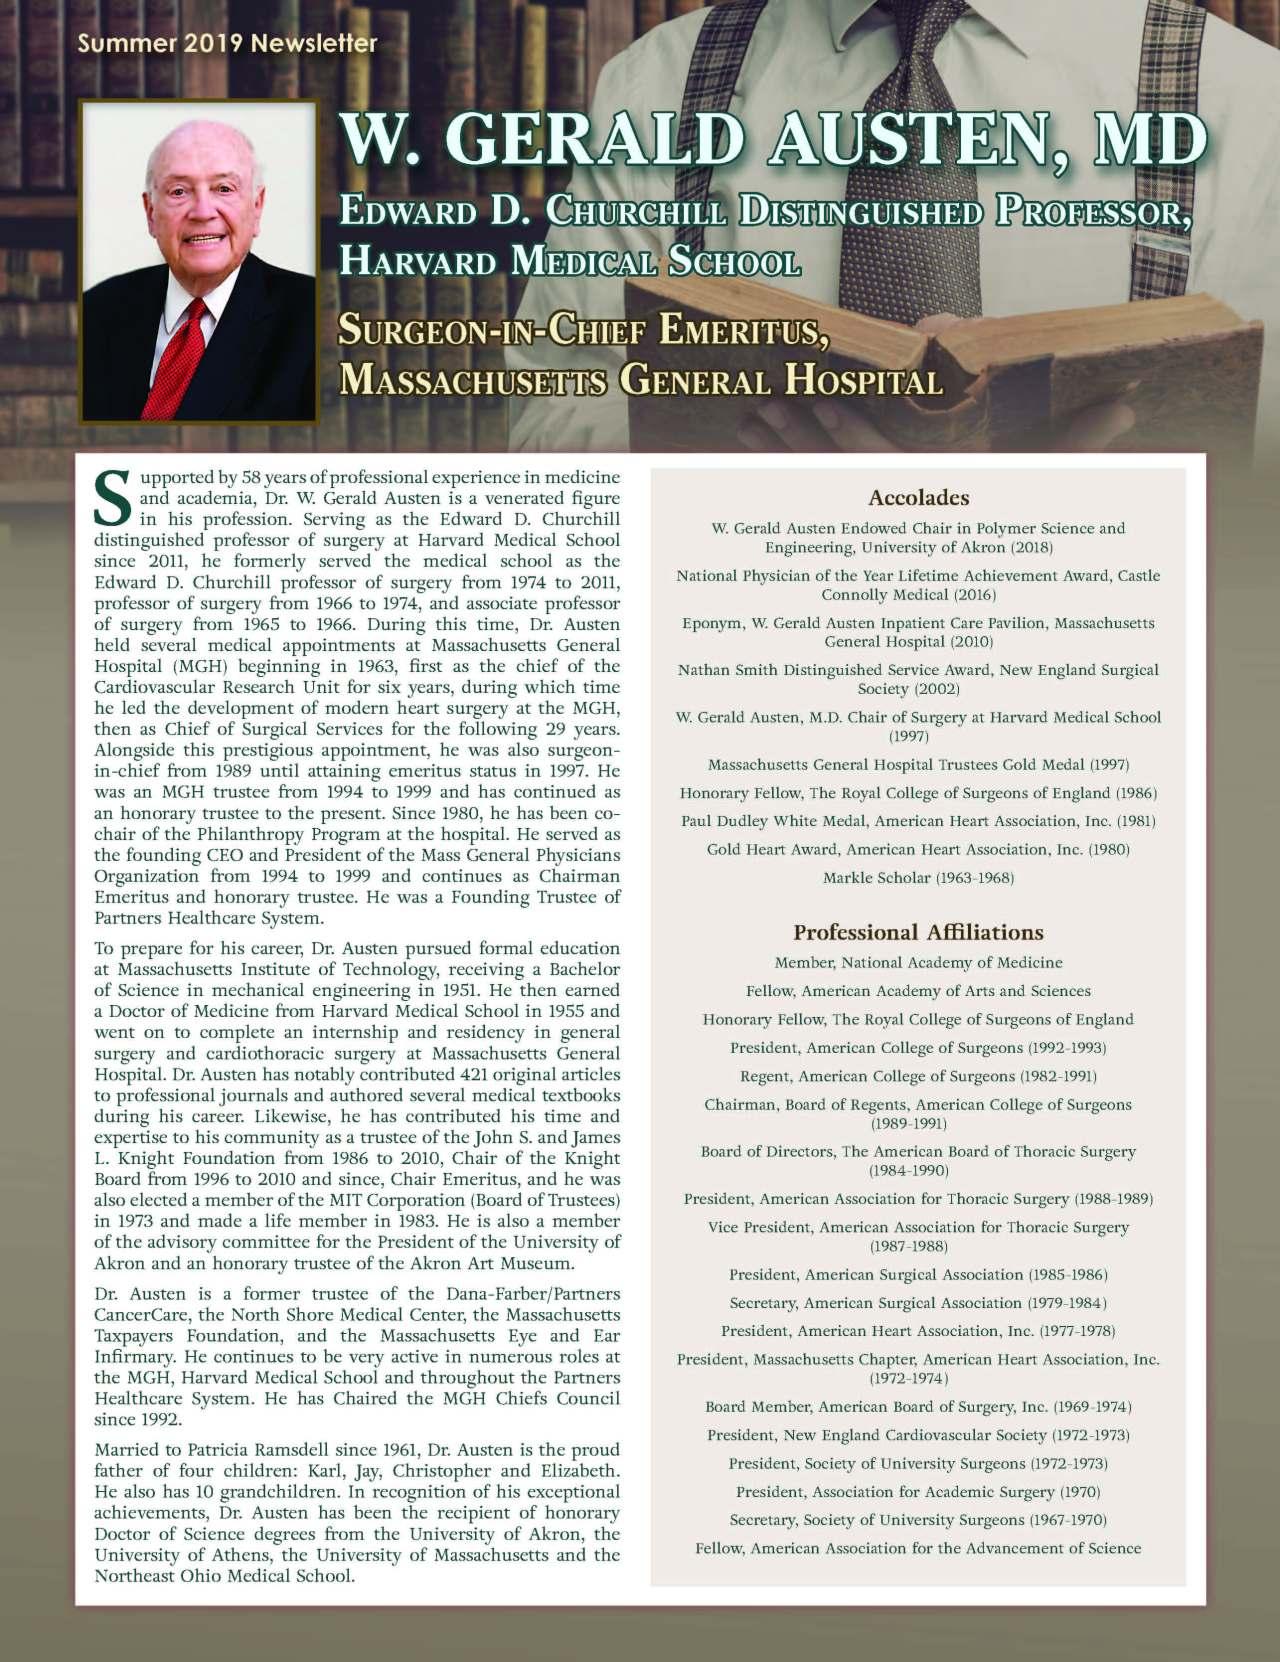 Austen, W. Gerald 2188567_2727525 Newsletter REVISED.jpg